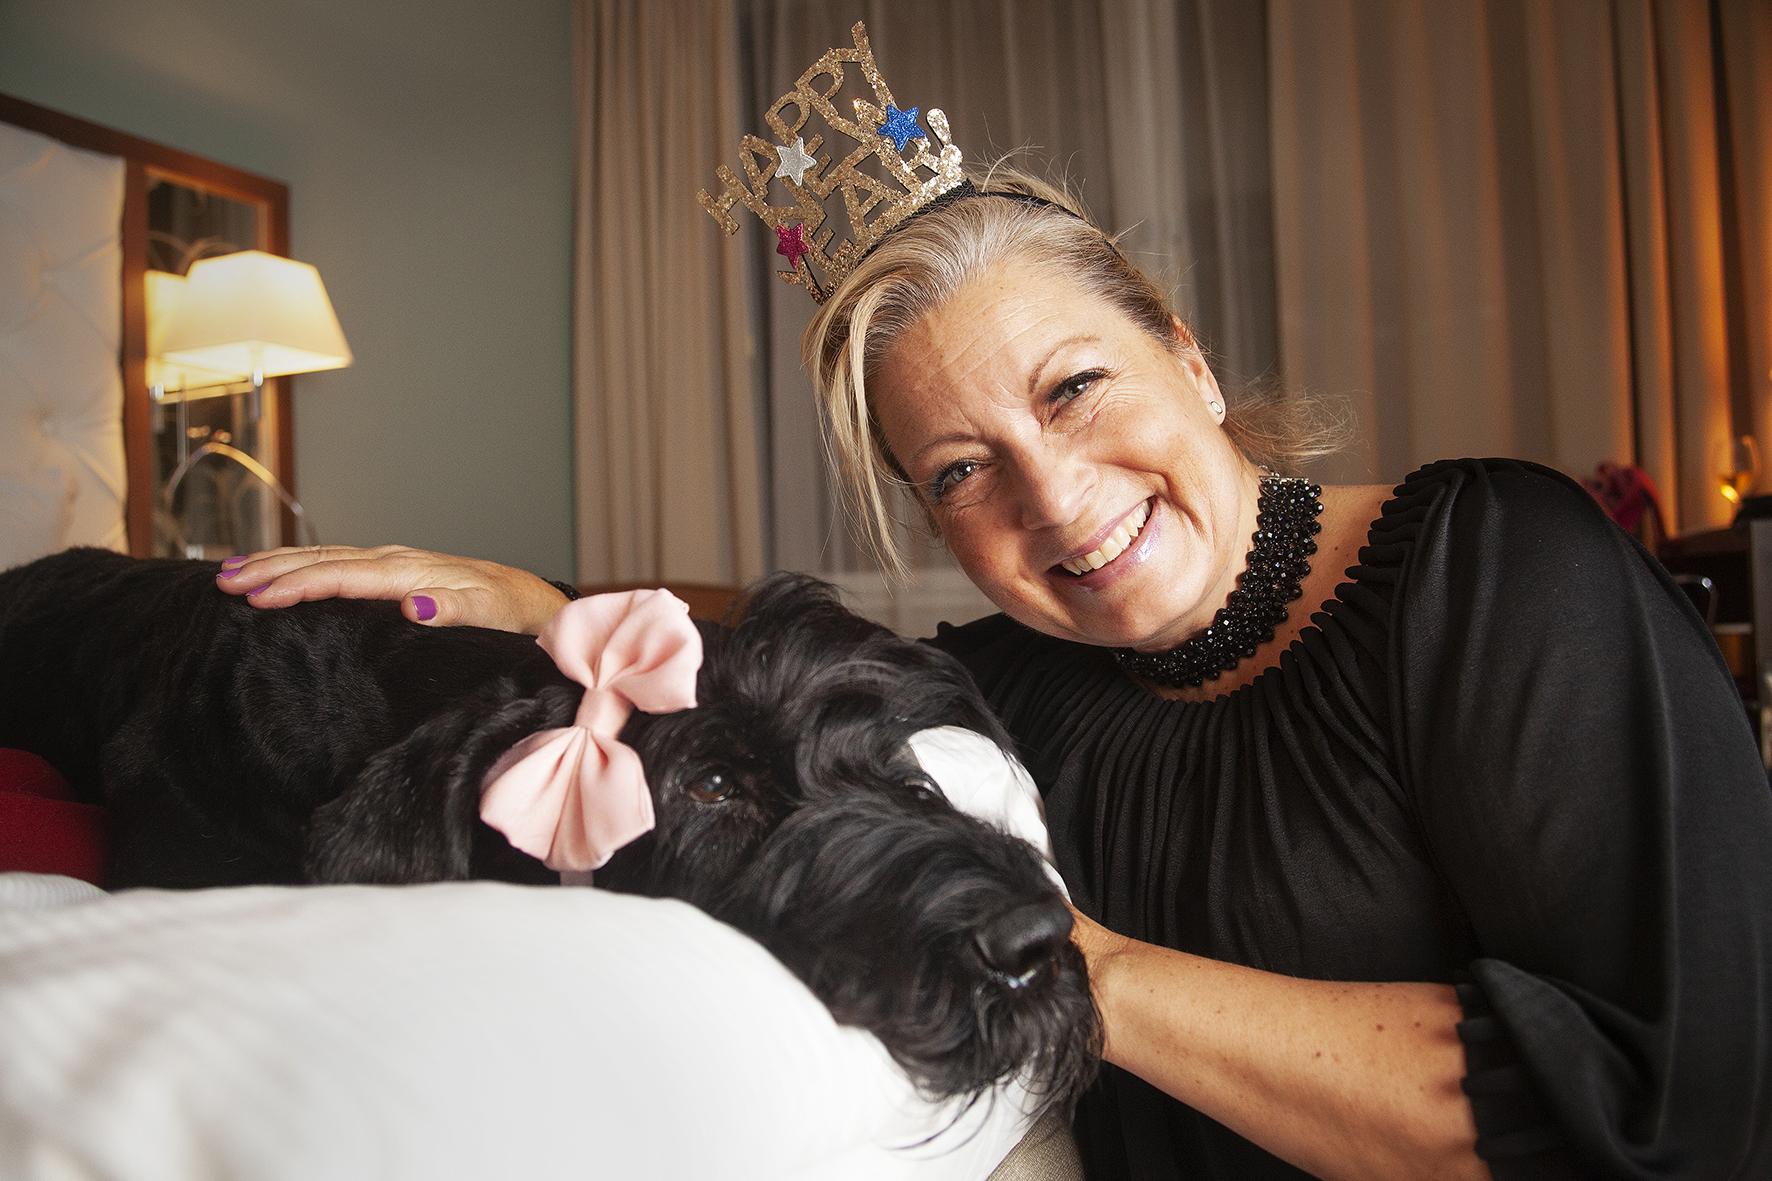 Trots det höga priset har Riesenschnauzern Lilly fått bo två nätter på hotellet med matte Charlotte då matte ser det som en happening och ett trevligt sätt att träffa andra hundägare på.